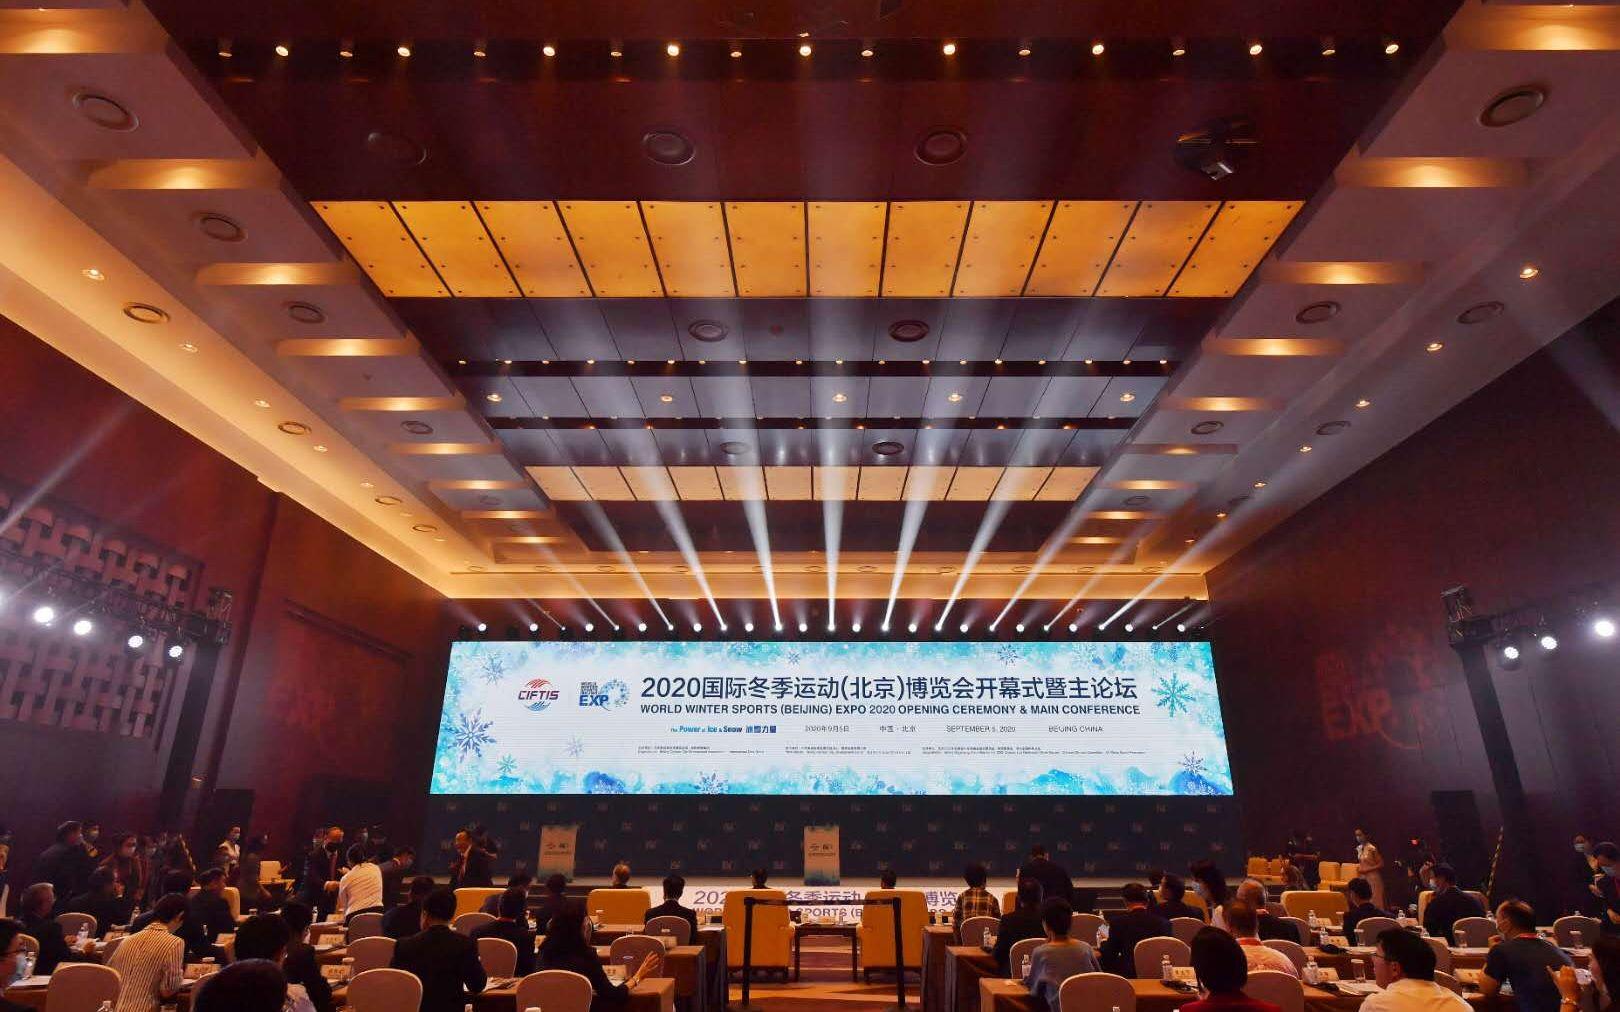 9月5日下昼,2020国际冬季运行(北京)博览会开幕式暨主论坛在国家会议中央召开。摄影/新京报记者 李木易